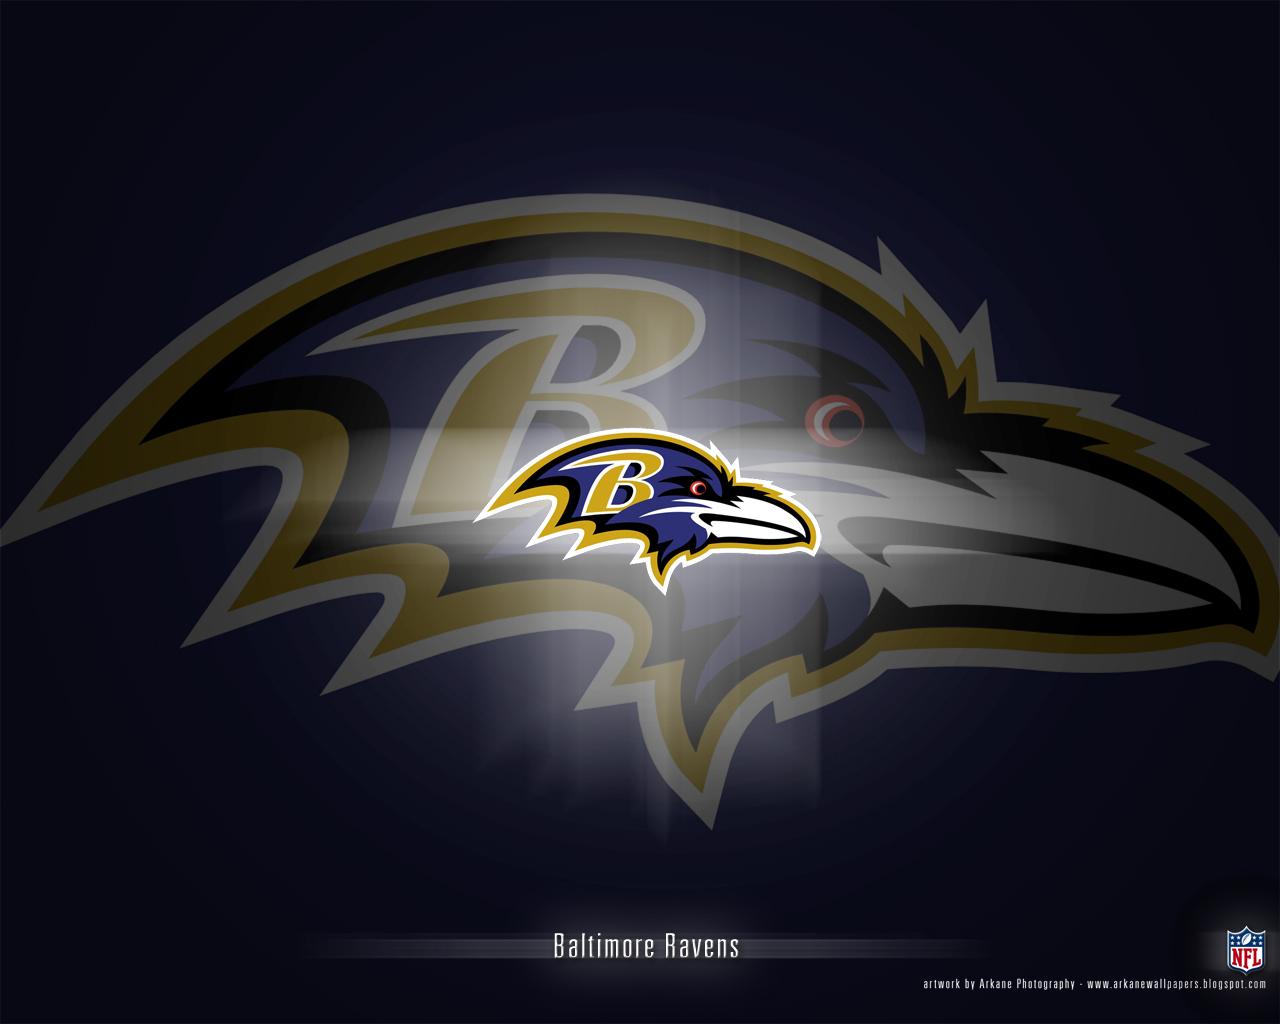 Baltimore Ravens wallpaper HD images Baltimore Ravens wallpapers 1280x1024